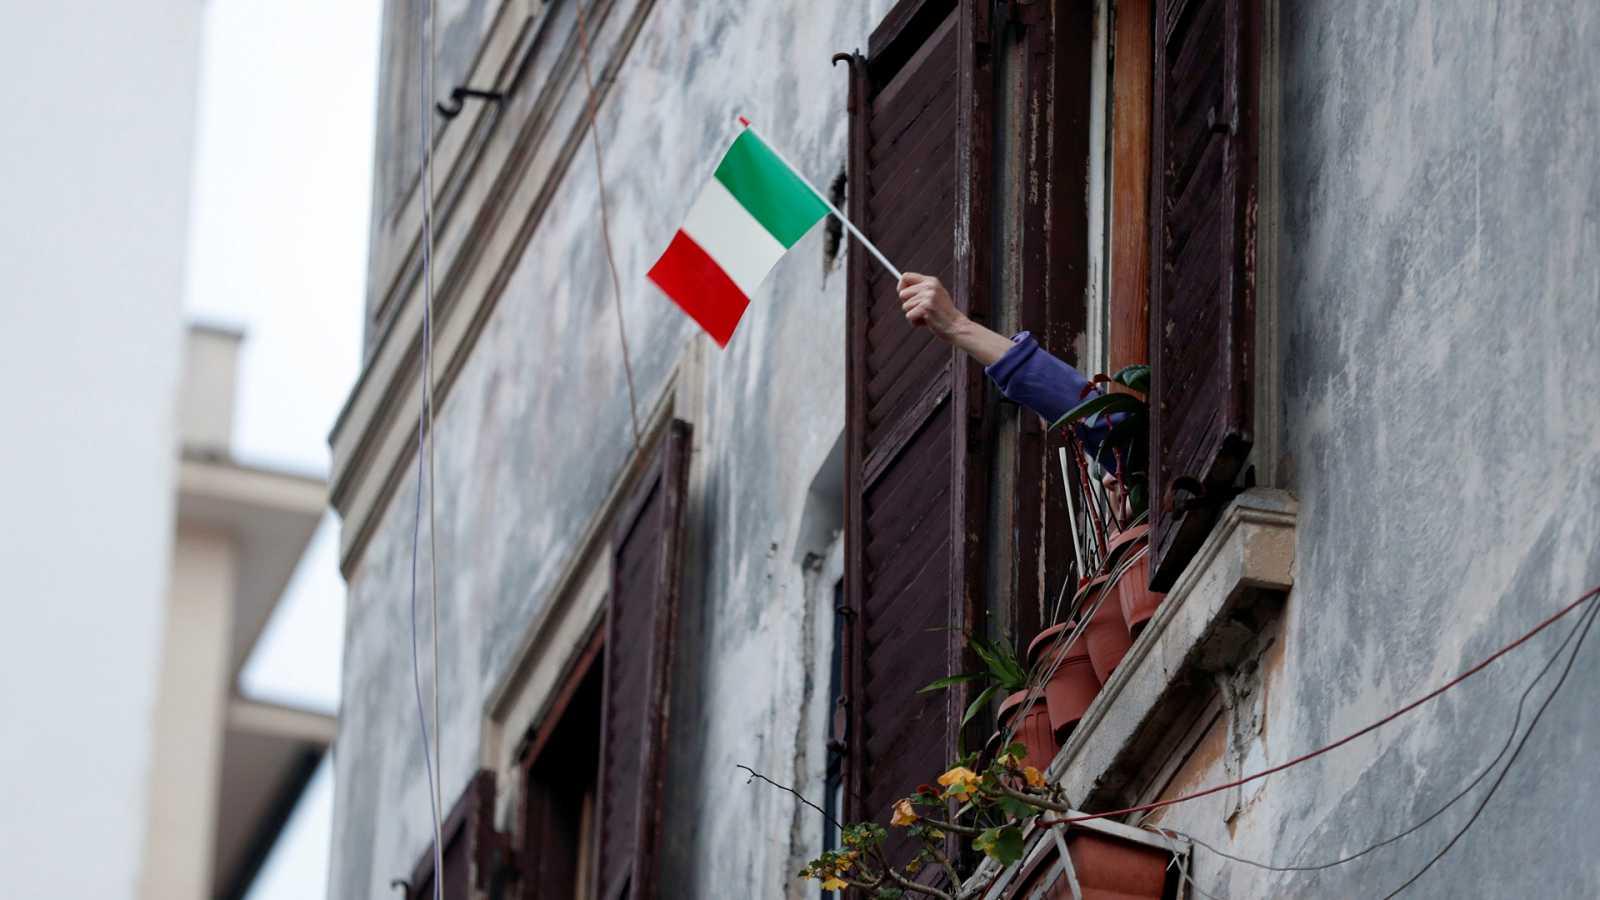 #Italia detectó un caso de la nueva cepa del #coronavirus en #Roma